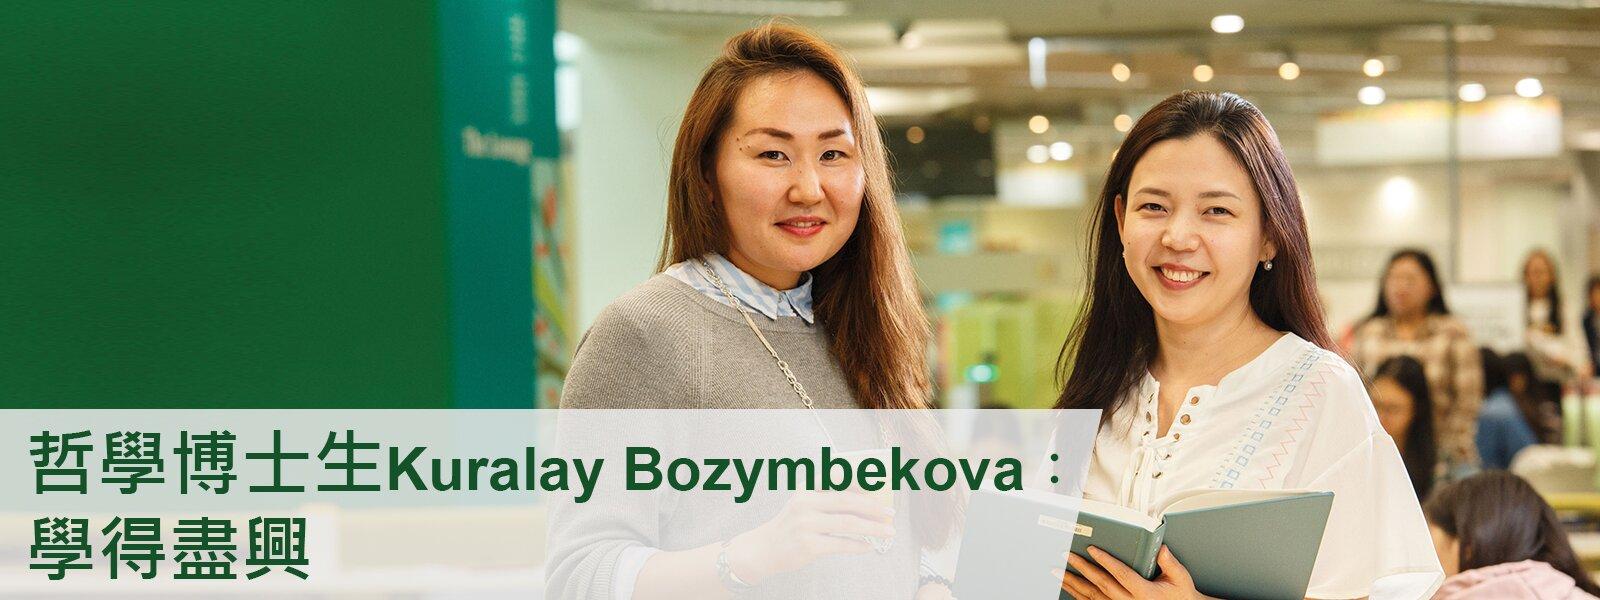 哲學博士生Kuralay Bozymbekova:學得盡興